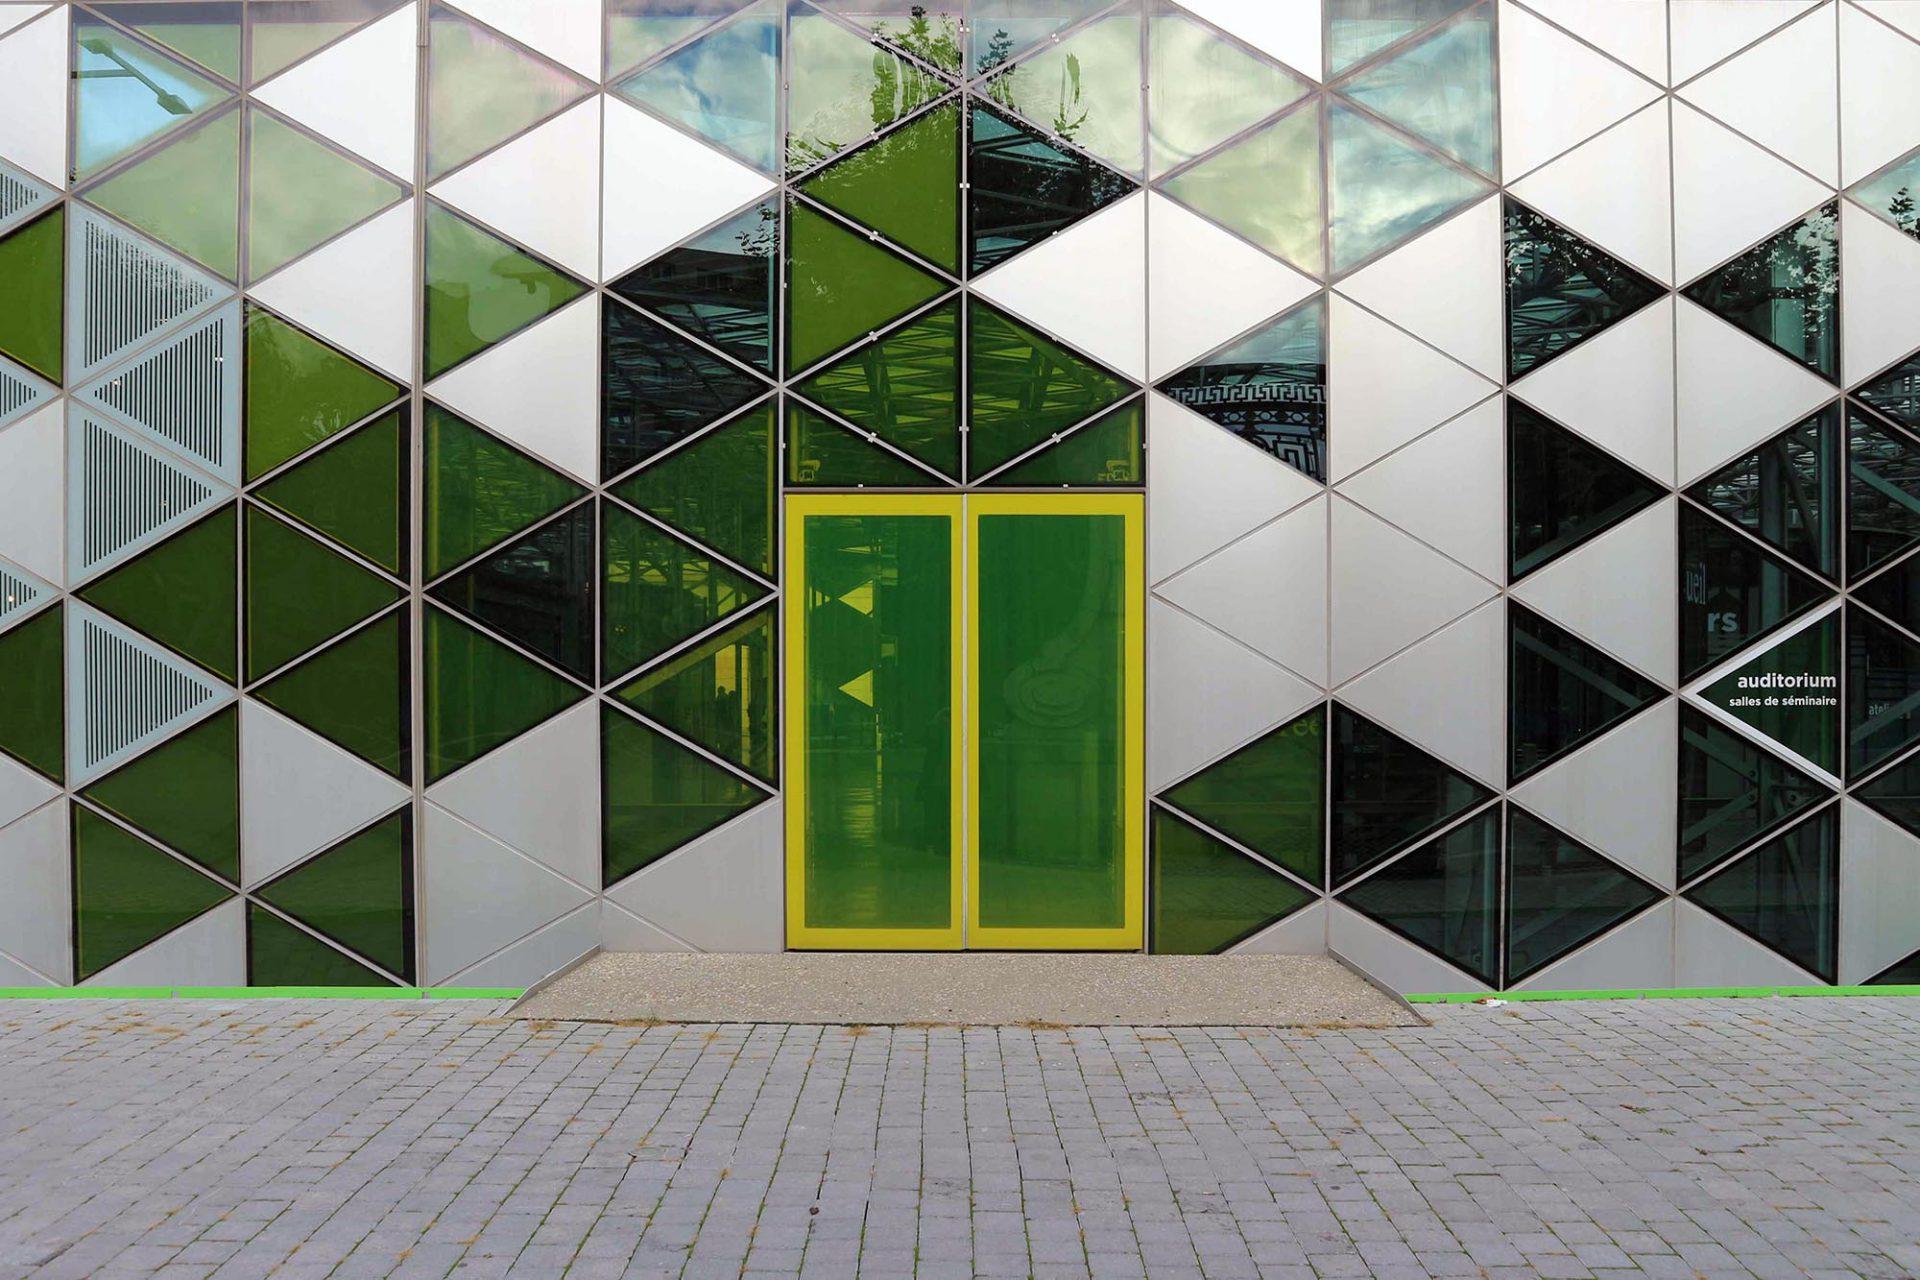 Cité du Design.  14000 gleichseitige Dreiecks-Paneele umhüllen den Bau.